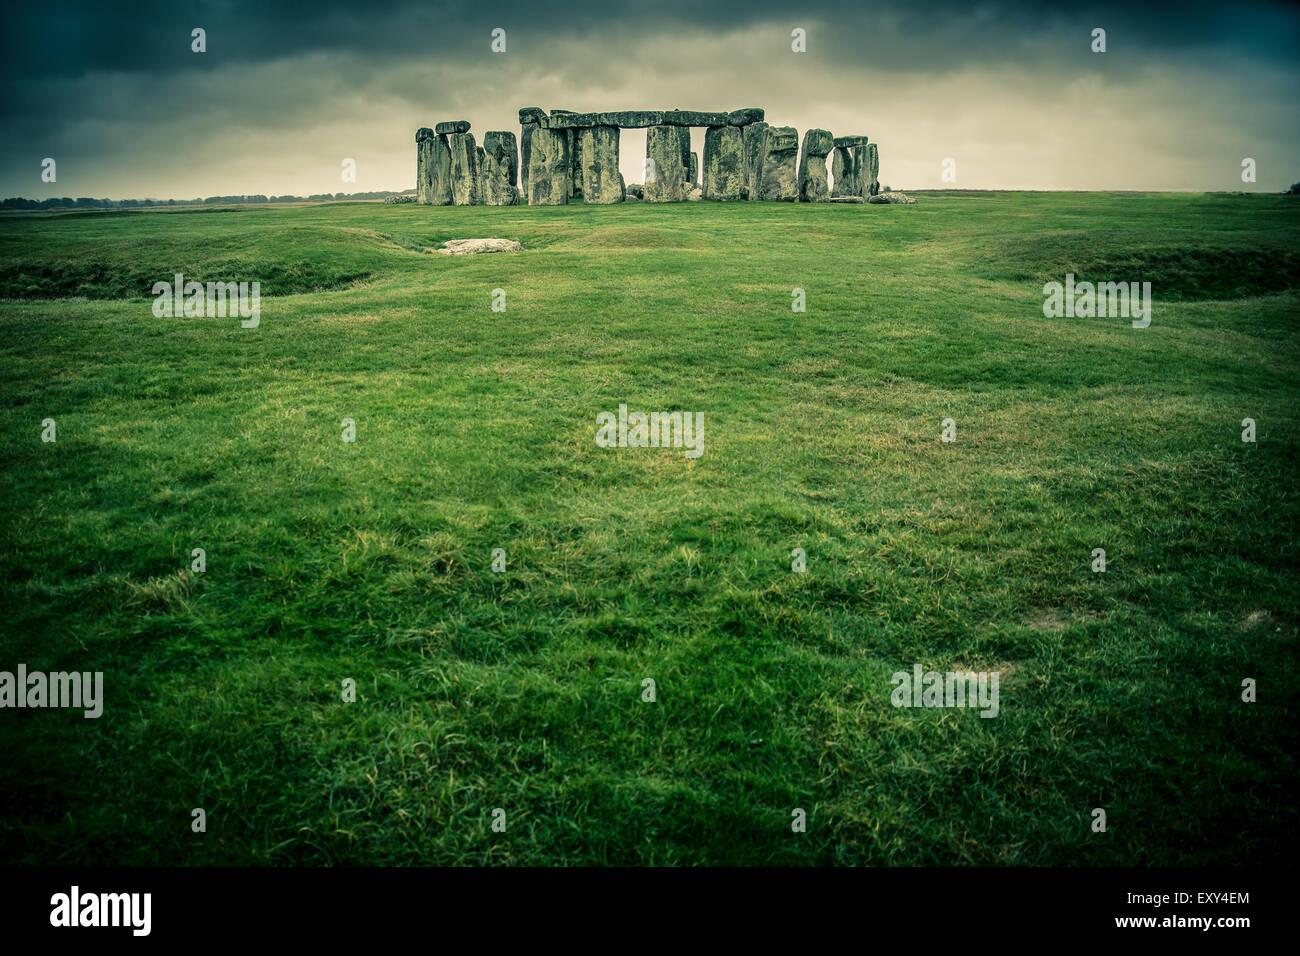 Campo de hierba que conduce a Stonehenge, en un nublado día gris Imagen De Stock